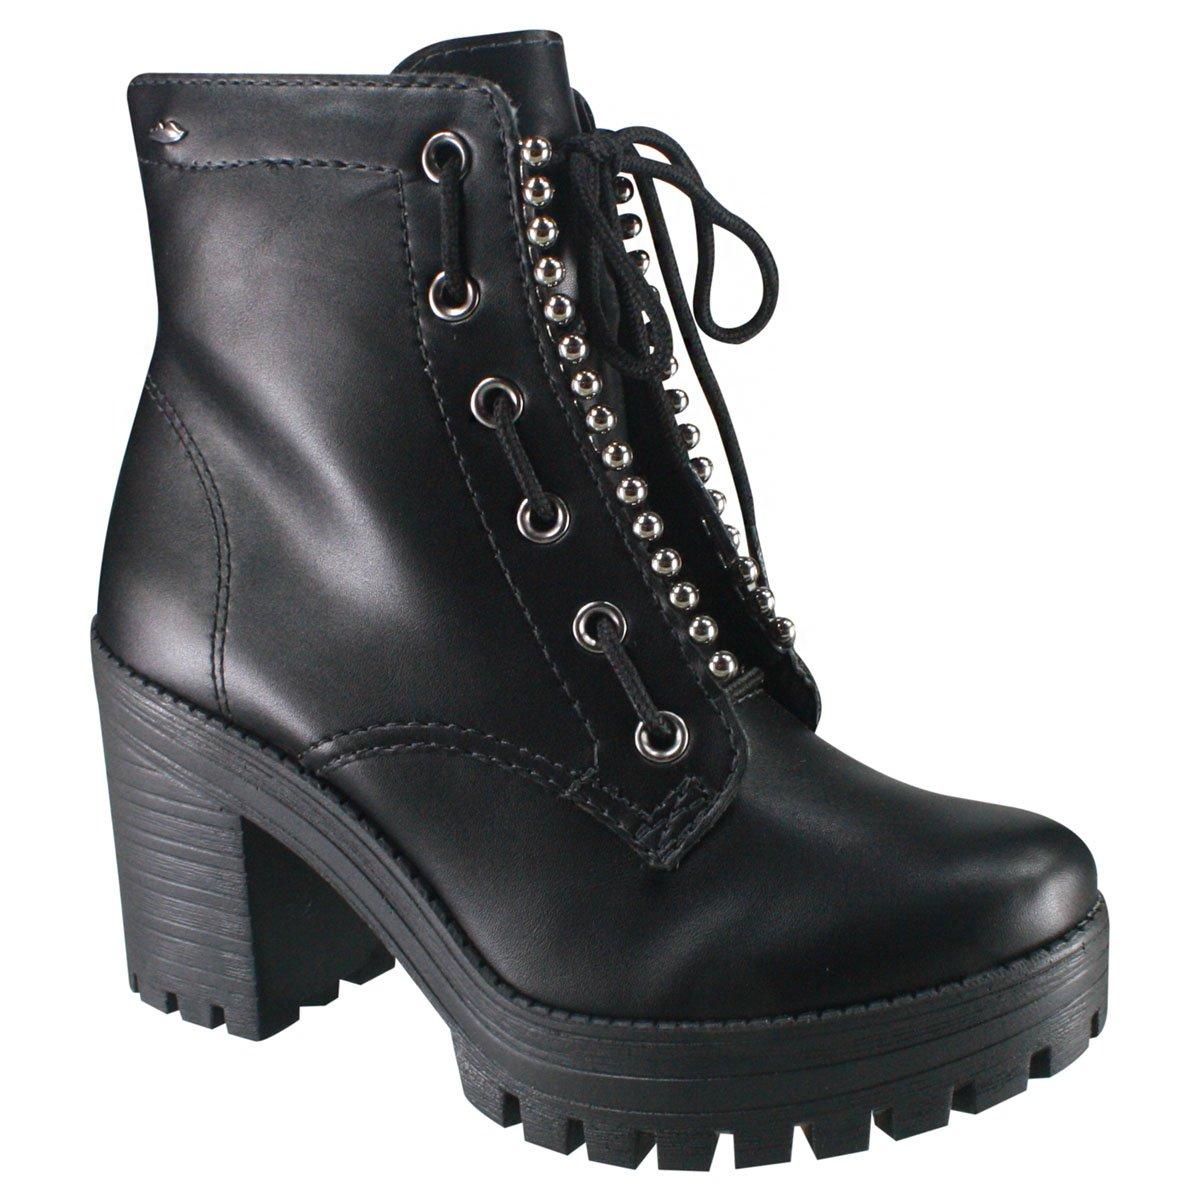 6f2daf3a1 Bota Feminina Coturno Dakota G0122 0001 - Preto (Argan) - Calçados ...